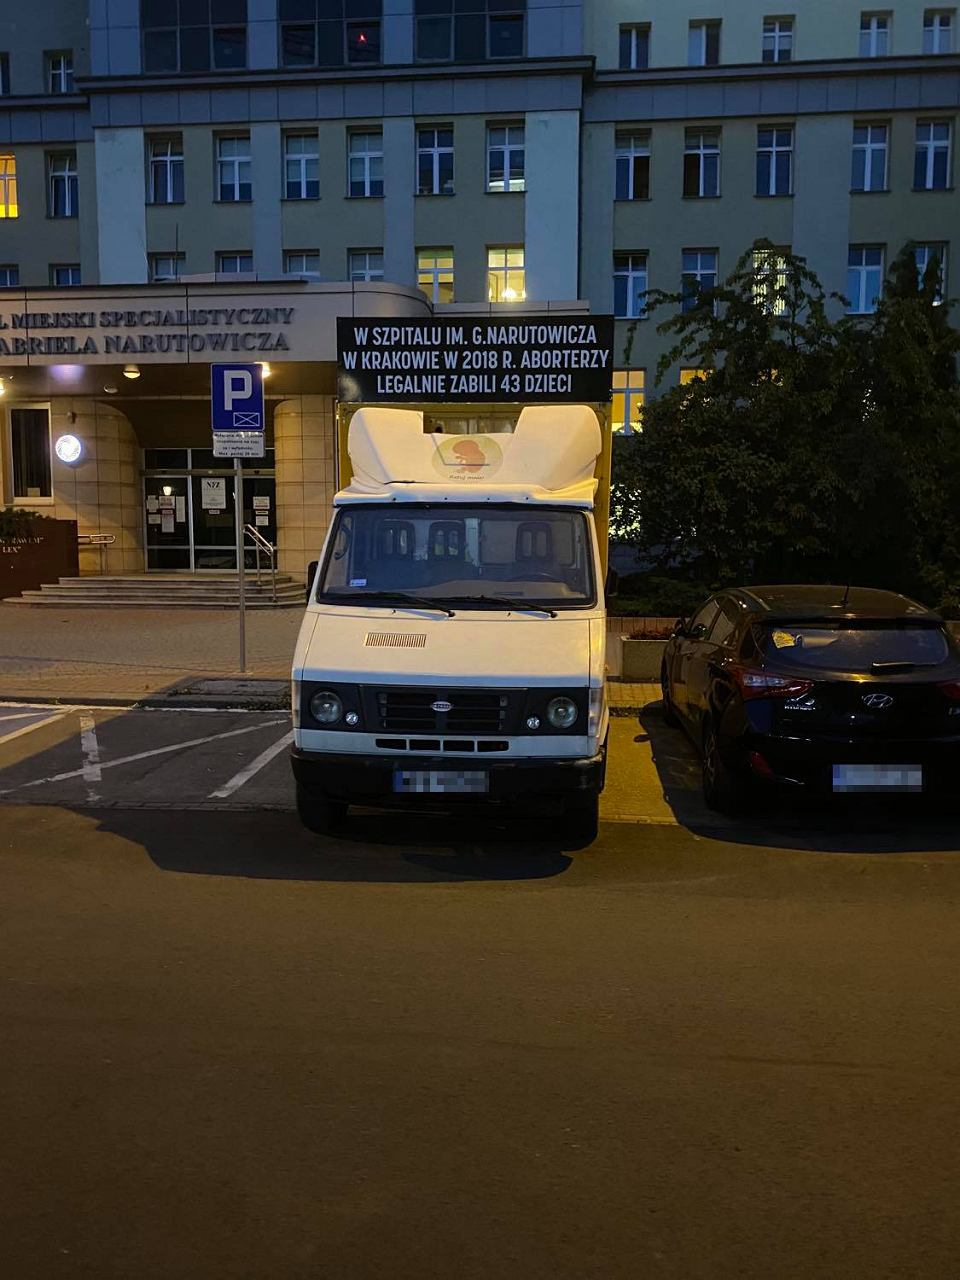 'Samochód antyaborcyjny' parkujący przed Szpitalem Gabriela Narutowicza zlokalizowanym przy ulicy Prądnickiej 35-37 w Krakowie